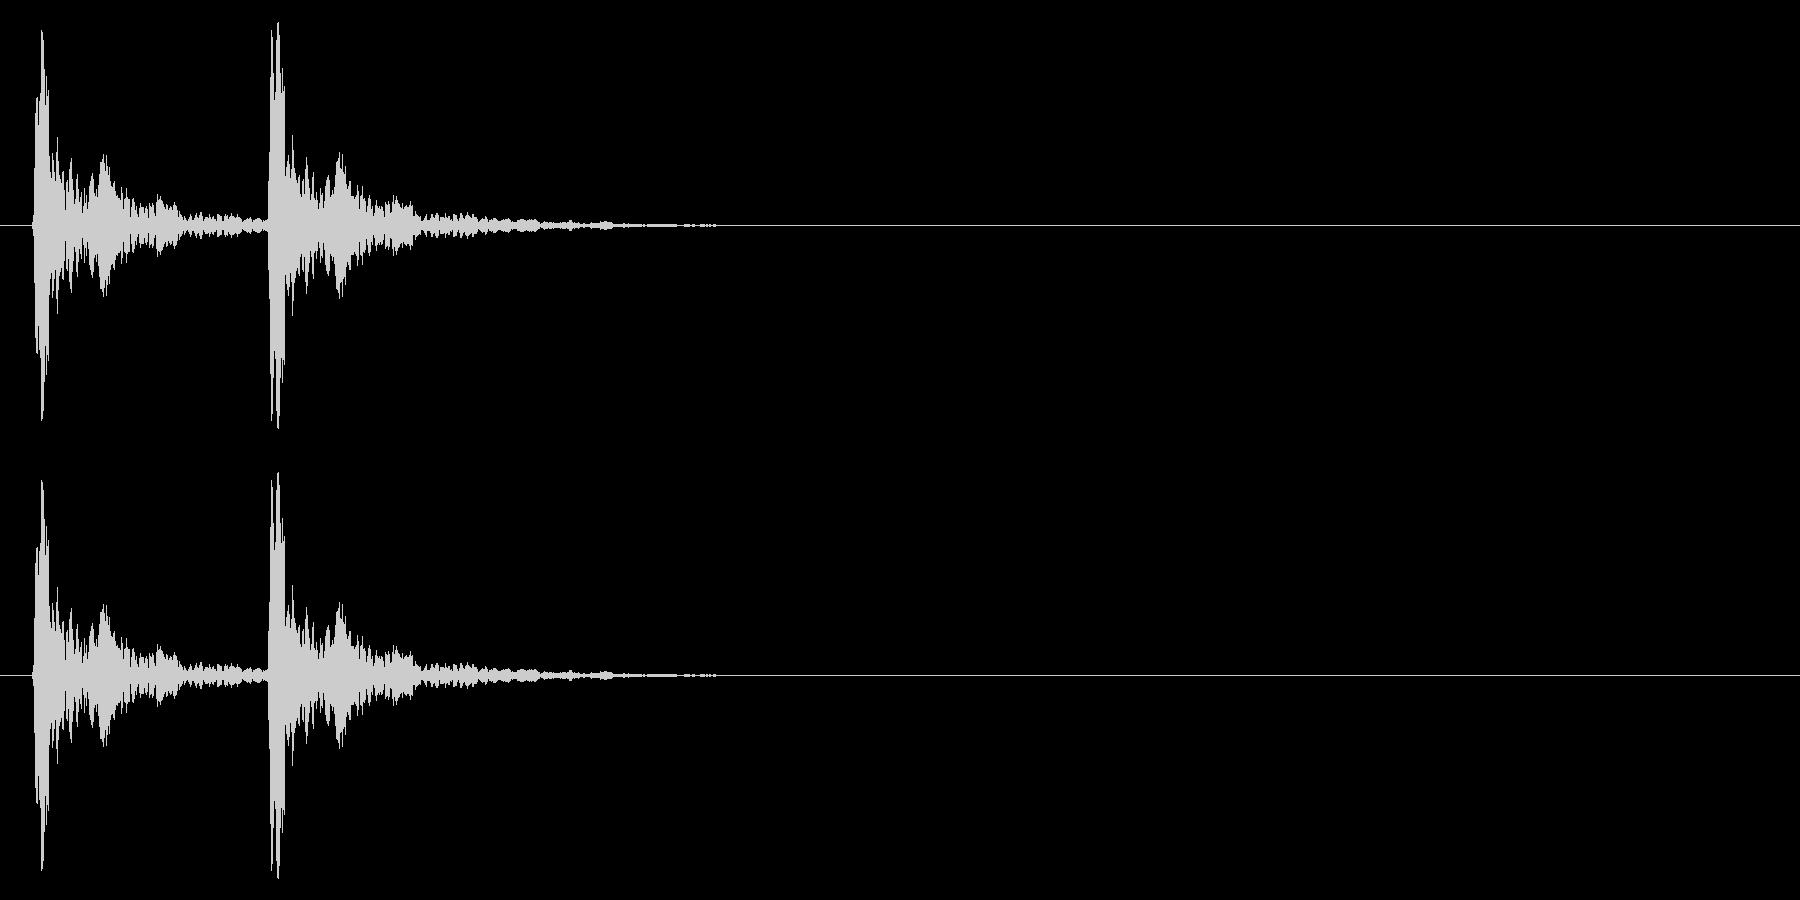 音侍「カカン」歌舞伎などで使う拍子木の音の未再生の波形